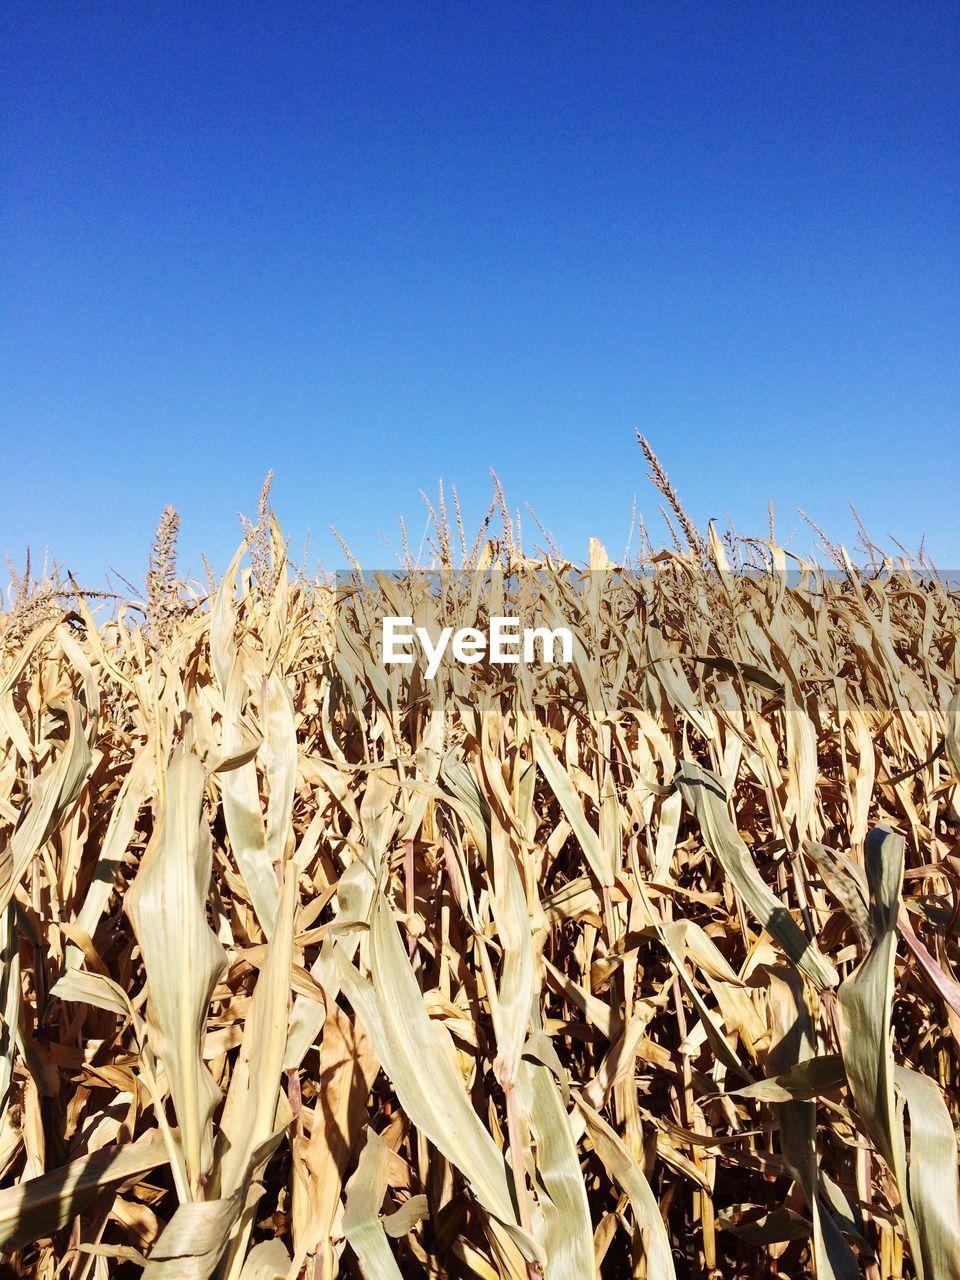 Dry corn plants on farm against clear blue sky